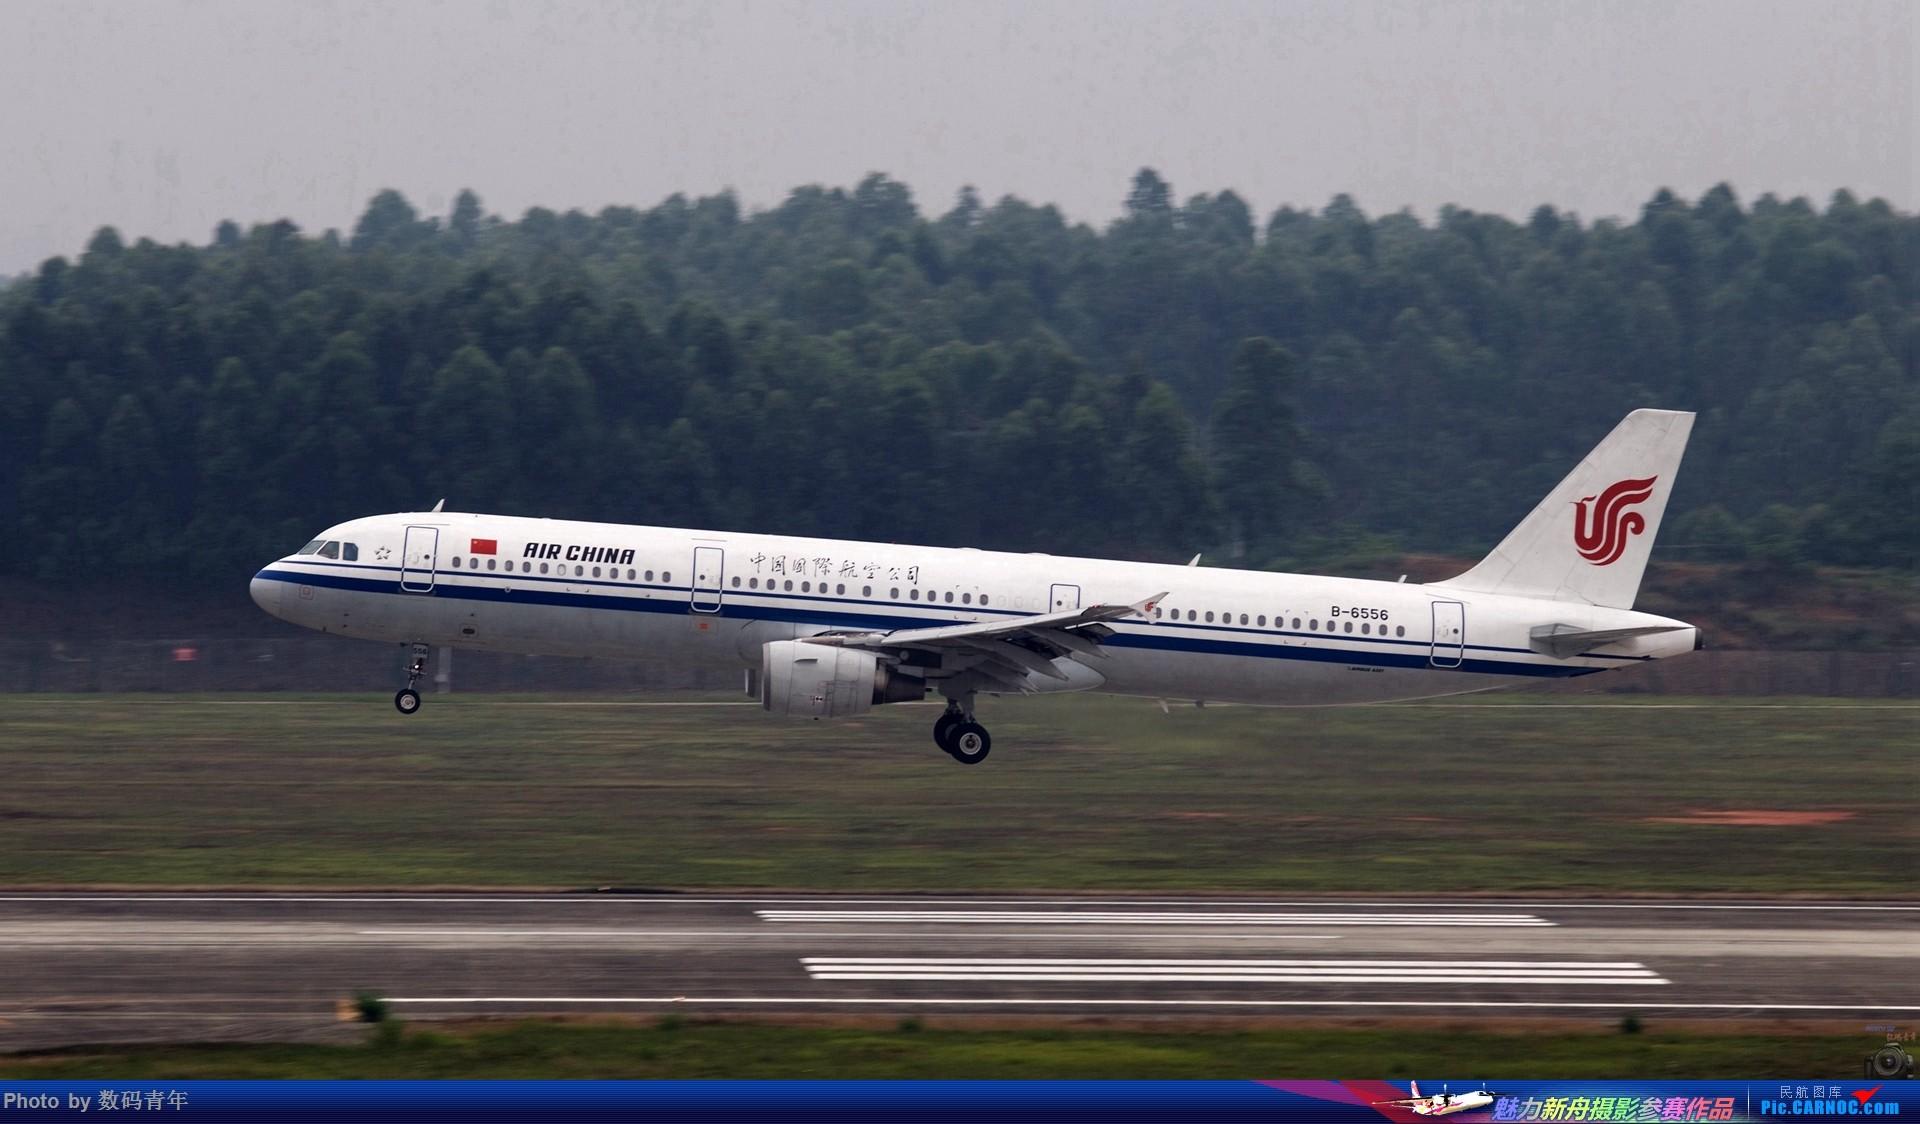 Re:[原创]重出江湖【CTU】2015.5.17打飞机 AIRBUS A321-200 B-6556 中国成都双流国际机场